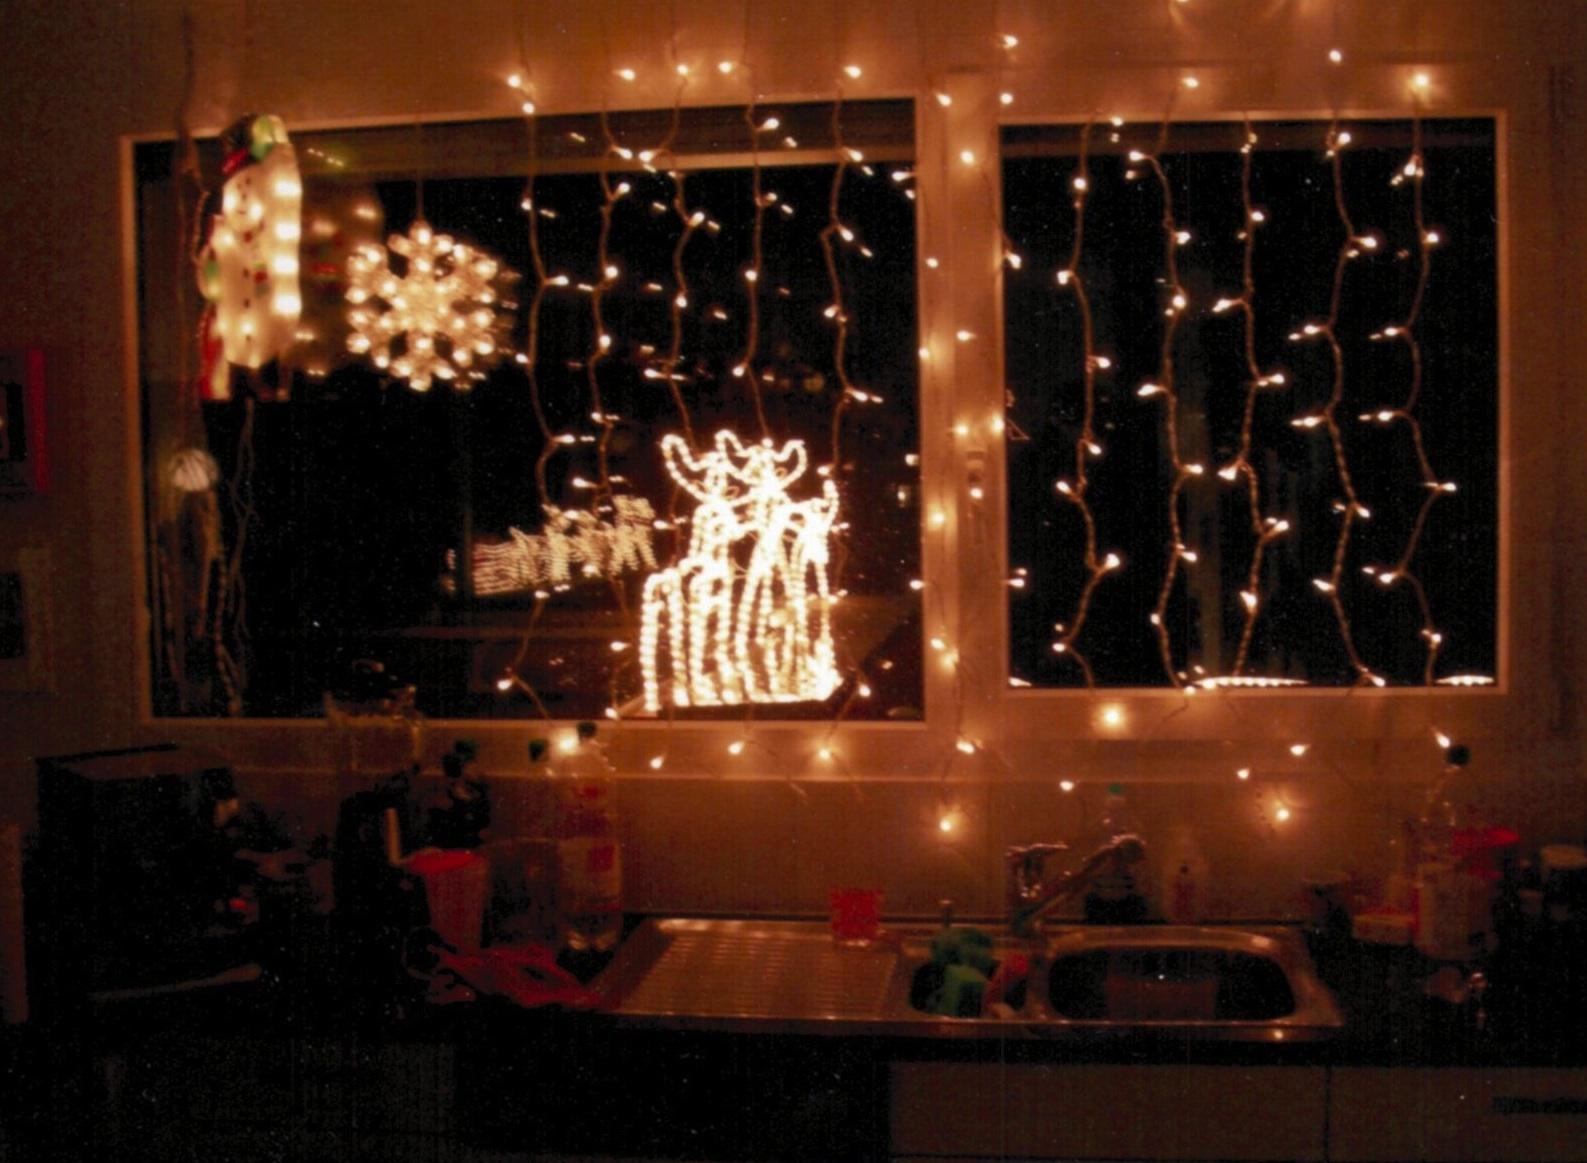 decoracao cozinha natal : decoracao cozinha natal:Tags: decoração , Deko , Natal , Weihnachten